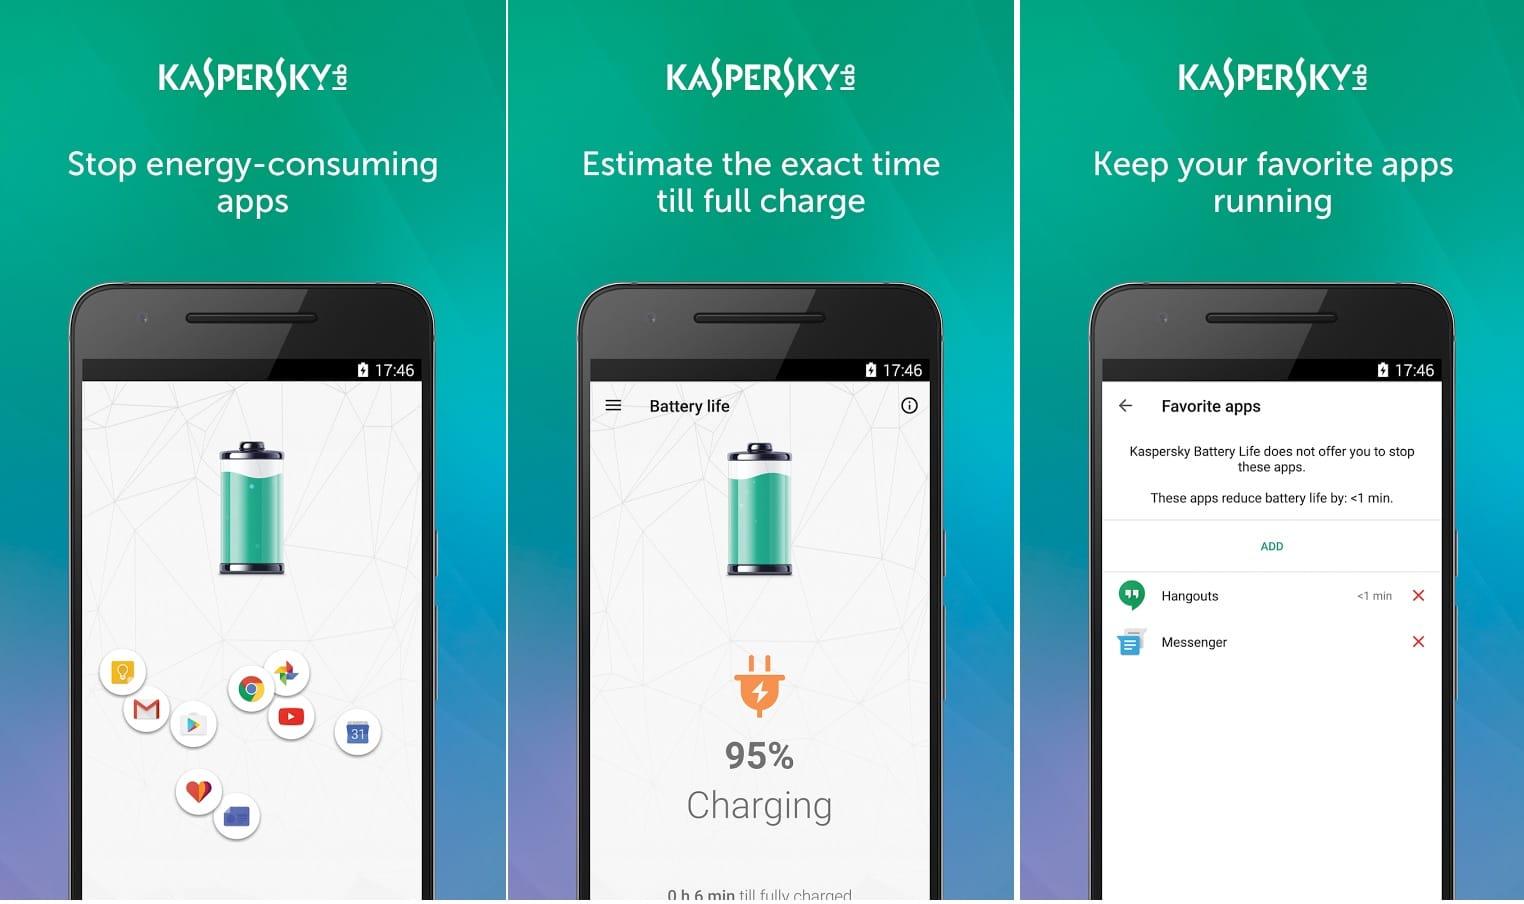 Kaspersky Battery Life продлевает время работы устройств на андроид